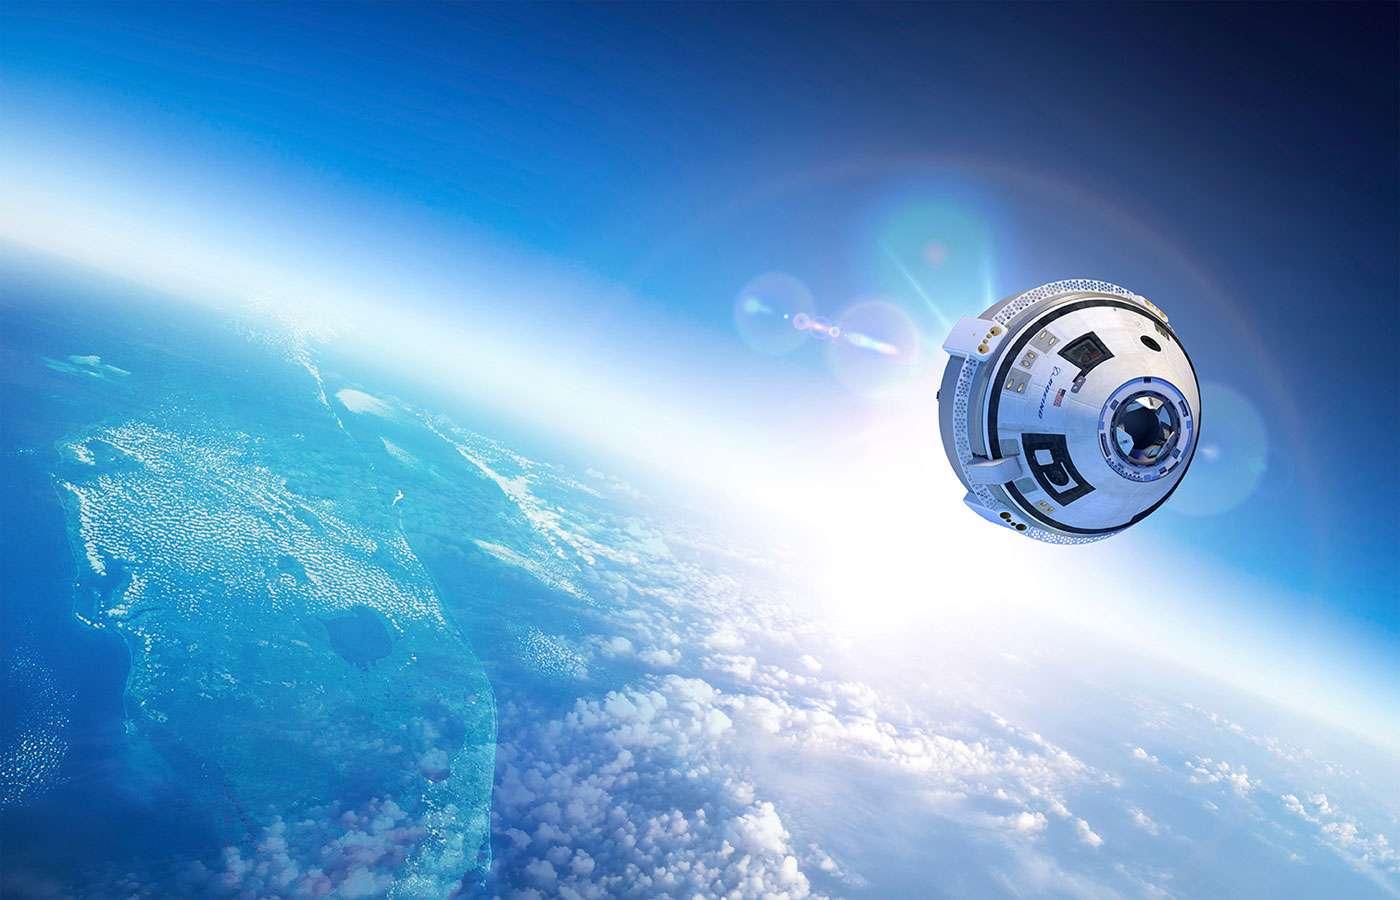 Après Lockheed Martin, Boeing est exclu du deuxième contrat de ravitaillement en fret de la Station spatiale internationale (ISS) pour la période 2018-2024. Ici, la capsule CST-100 Starliner de Boeing, sélectionnée pour transporter des astronautes de la Nasa. © Boeing